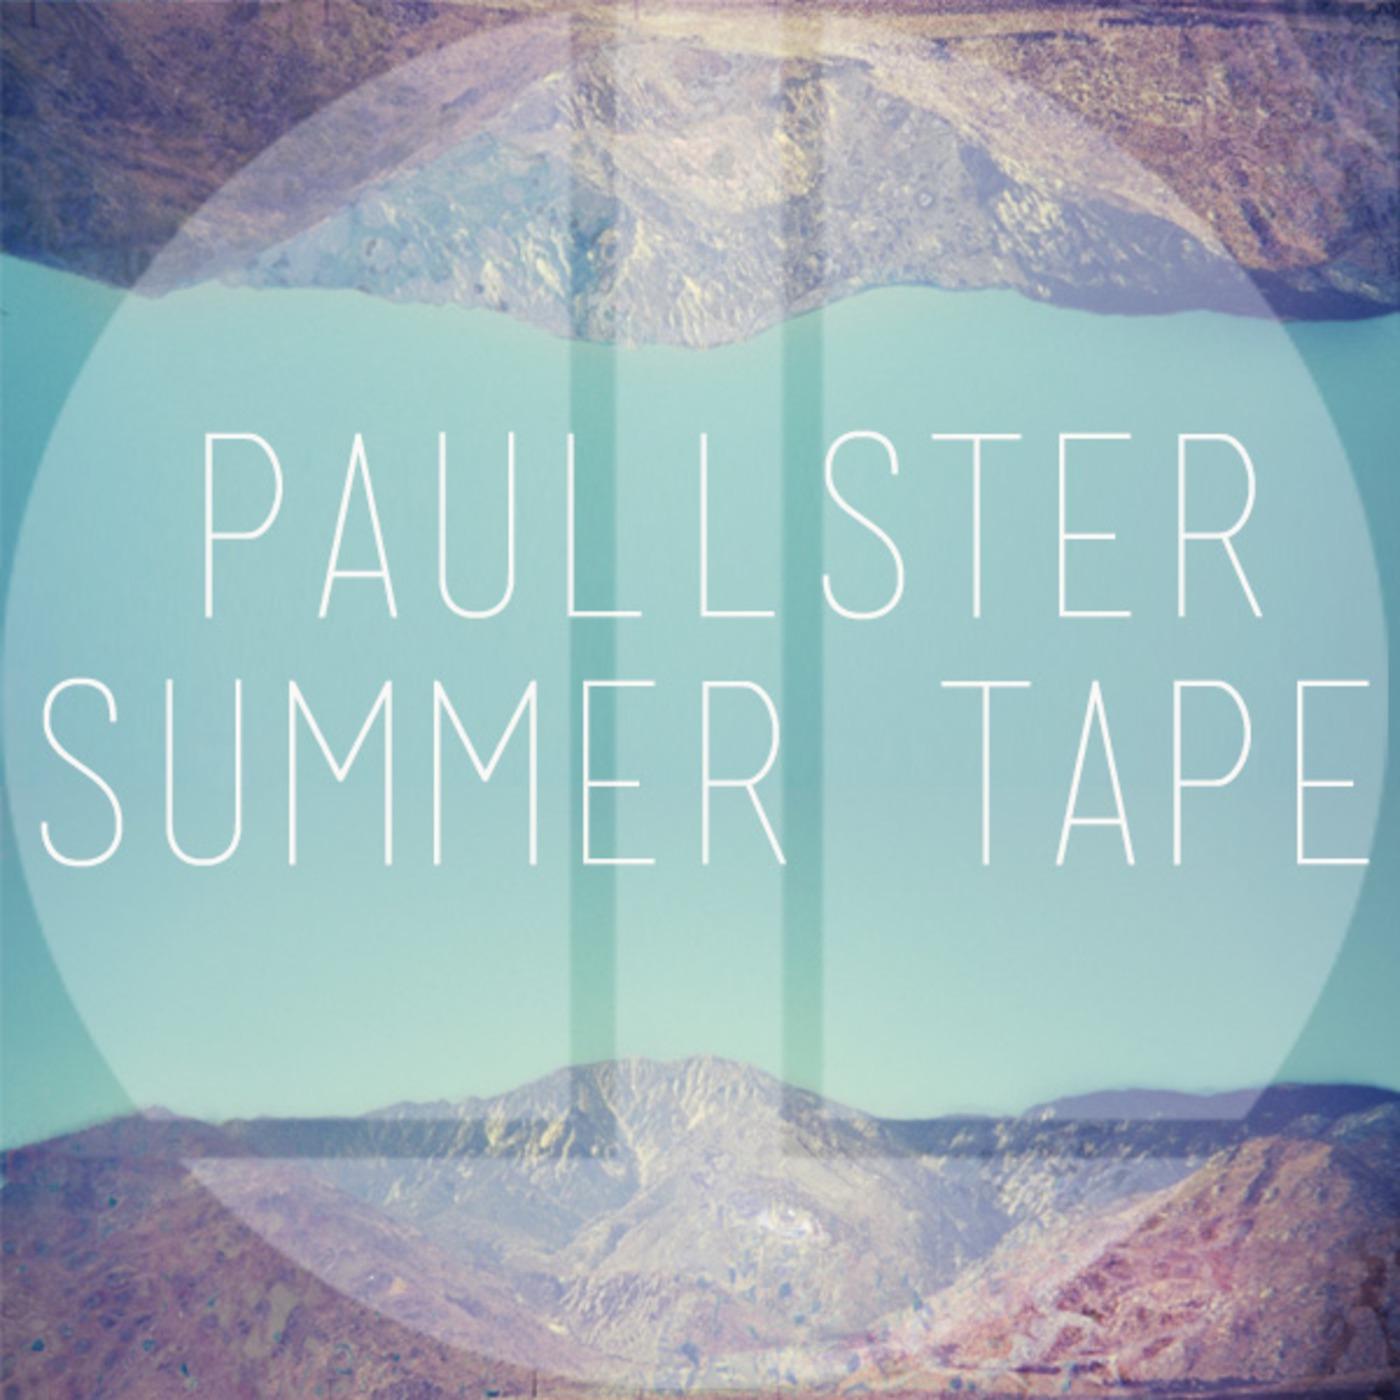 Paullster Summer Tape